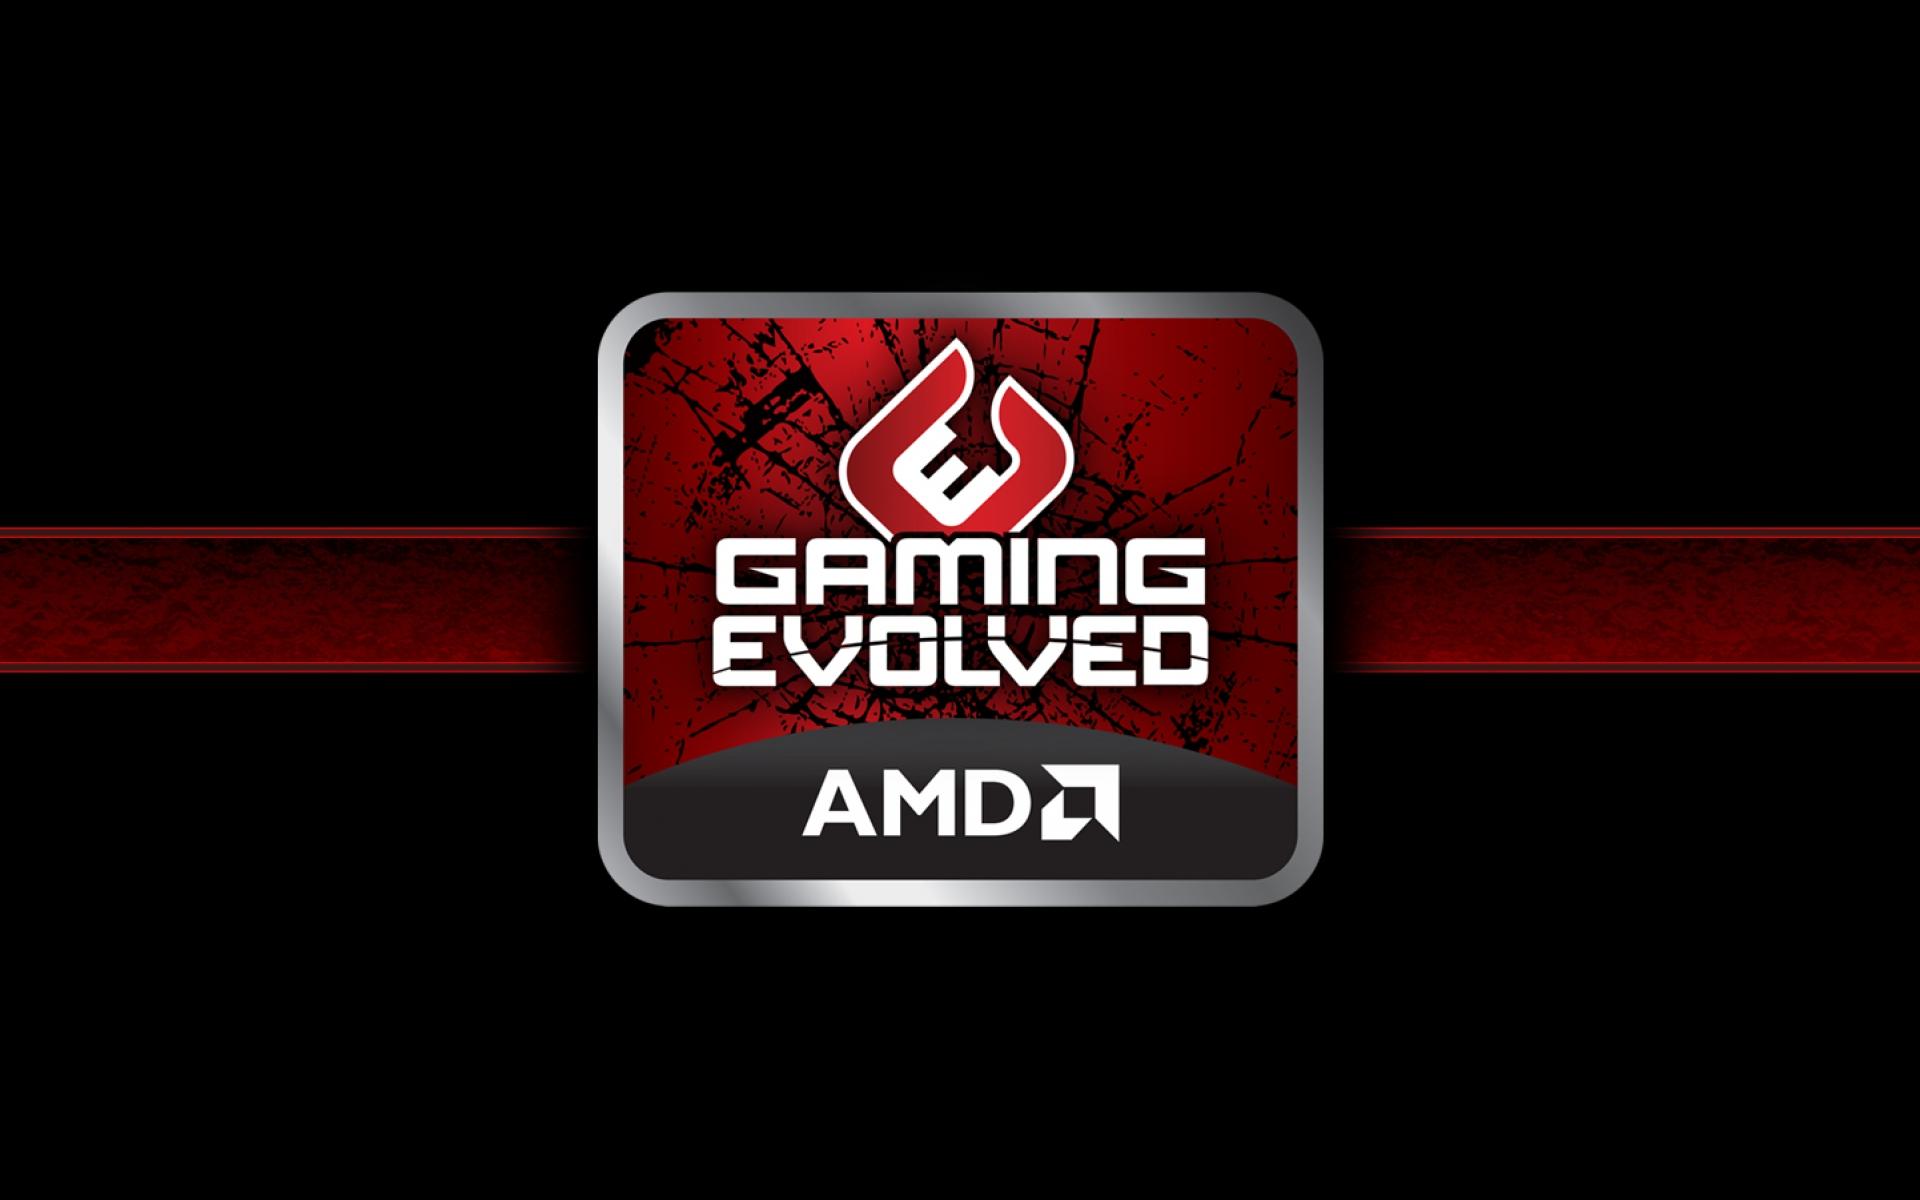 AMD Wallpapers HD Backgrounds | WallpapersIn4k net